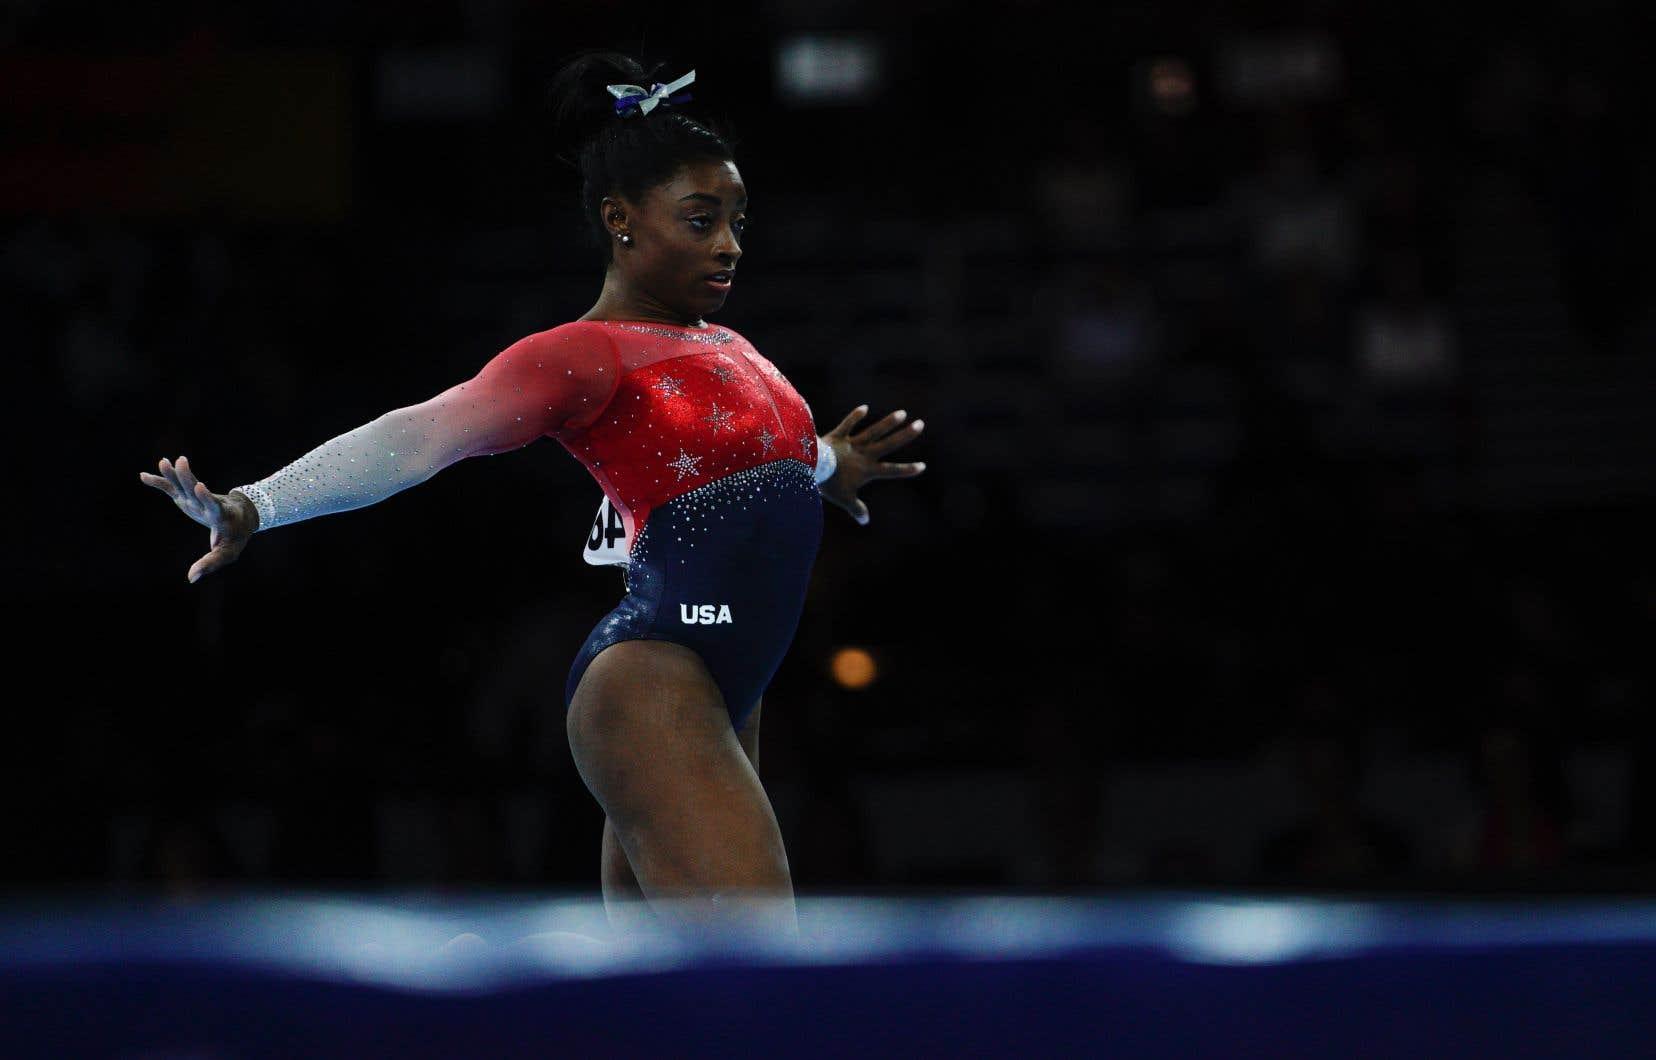 Ce titre américain porte à quinze le nombre de couronnes mondiales record de Simone Biles (22ans), et à 21 son total de médailles mondiales.